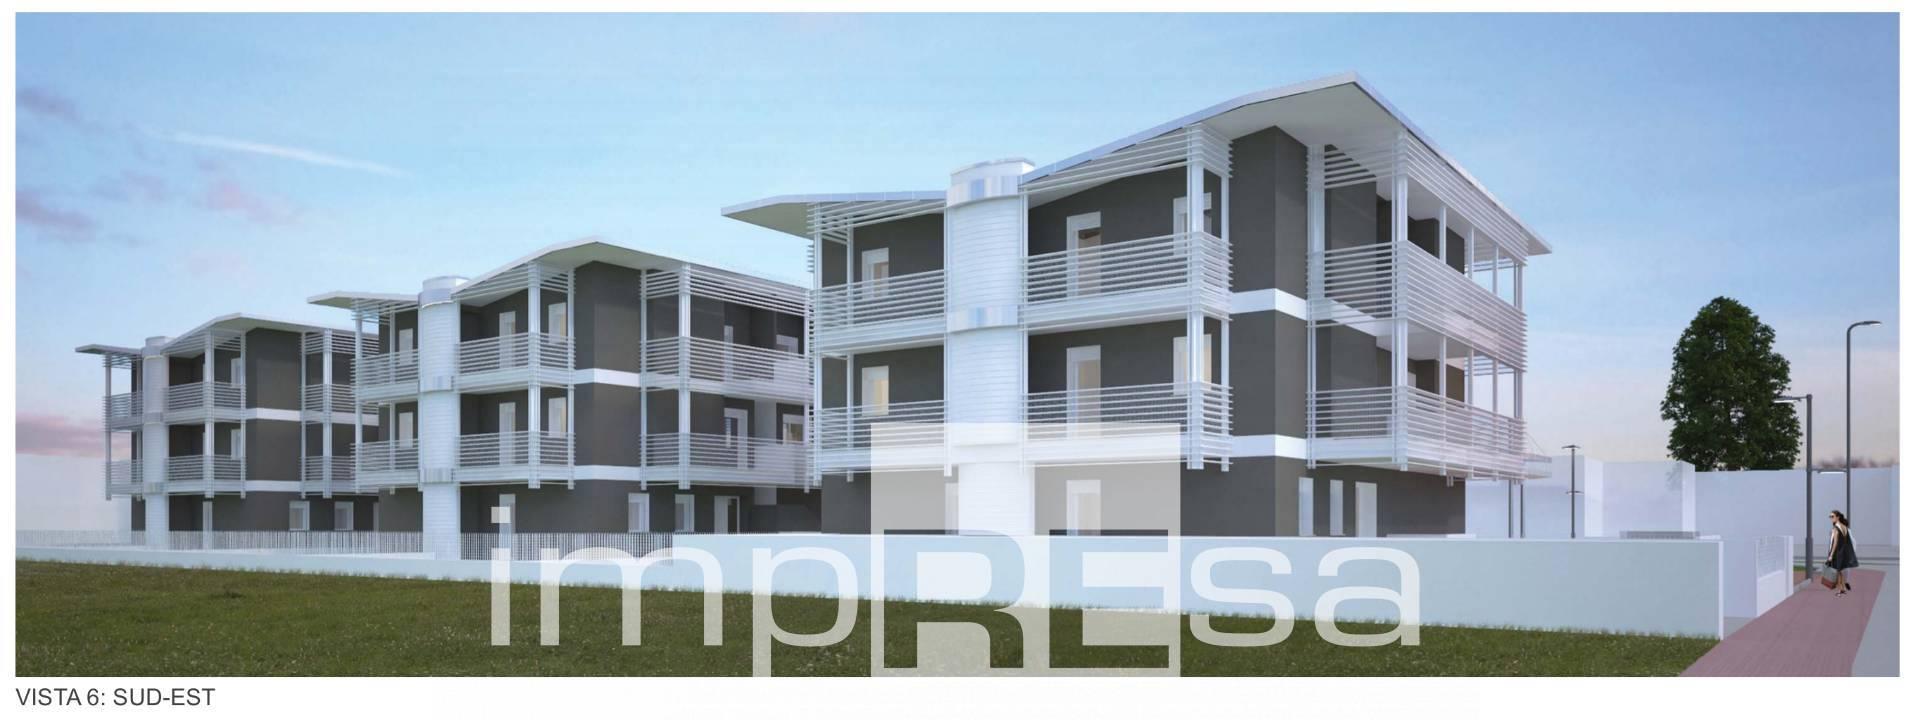 Appartamento in vendita a Scorzè, 2 locali, zona ella, prezzo € 119.000 | PortaleAgenzieImmobiliari.it